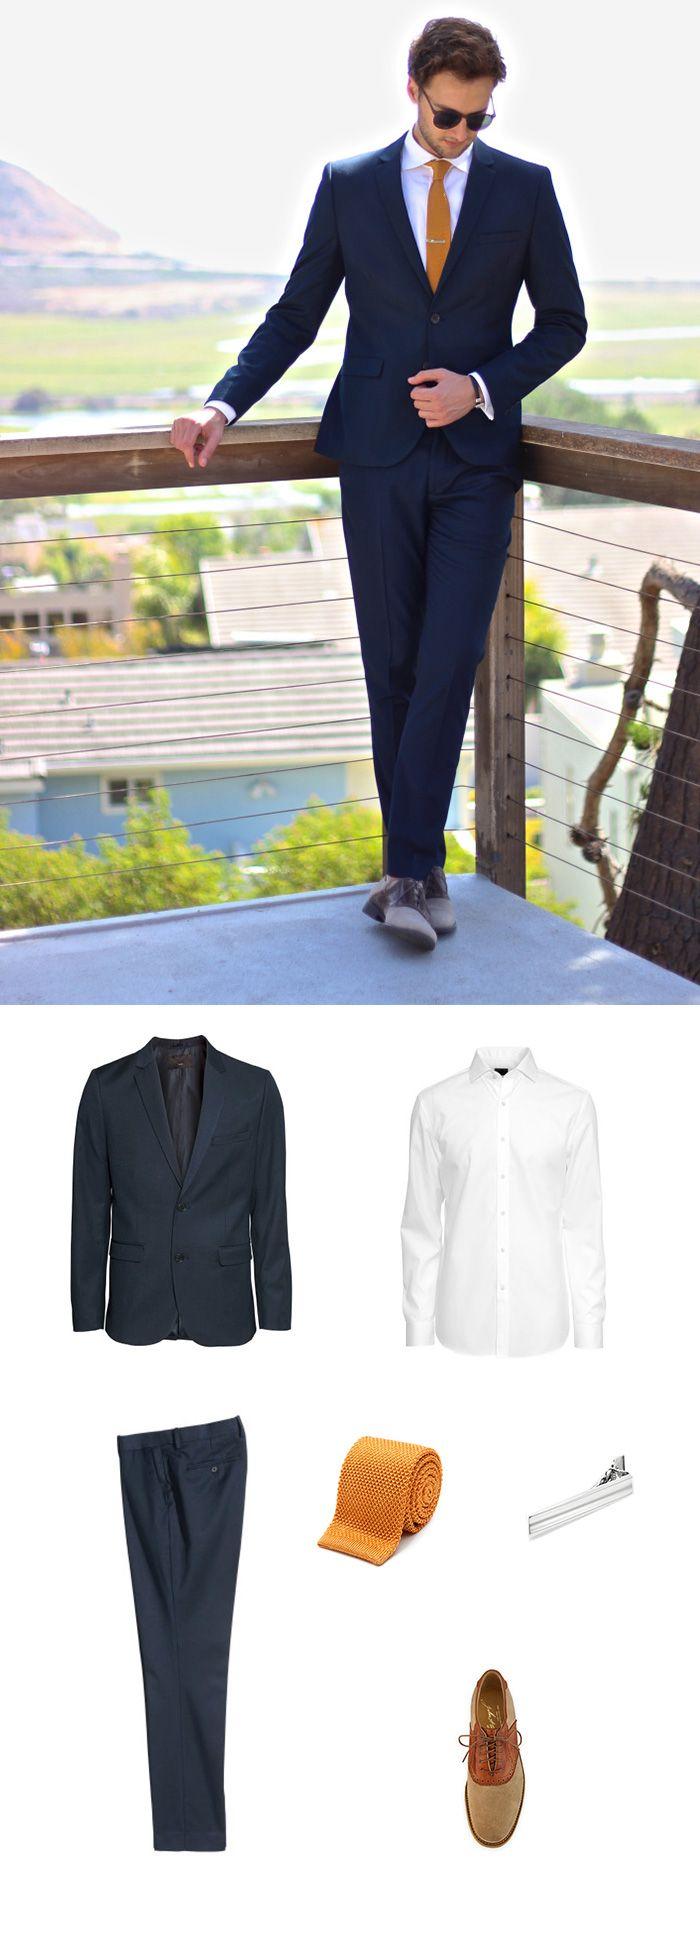 Frugal Male Fashion Tie Bar